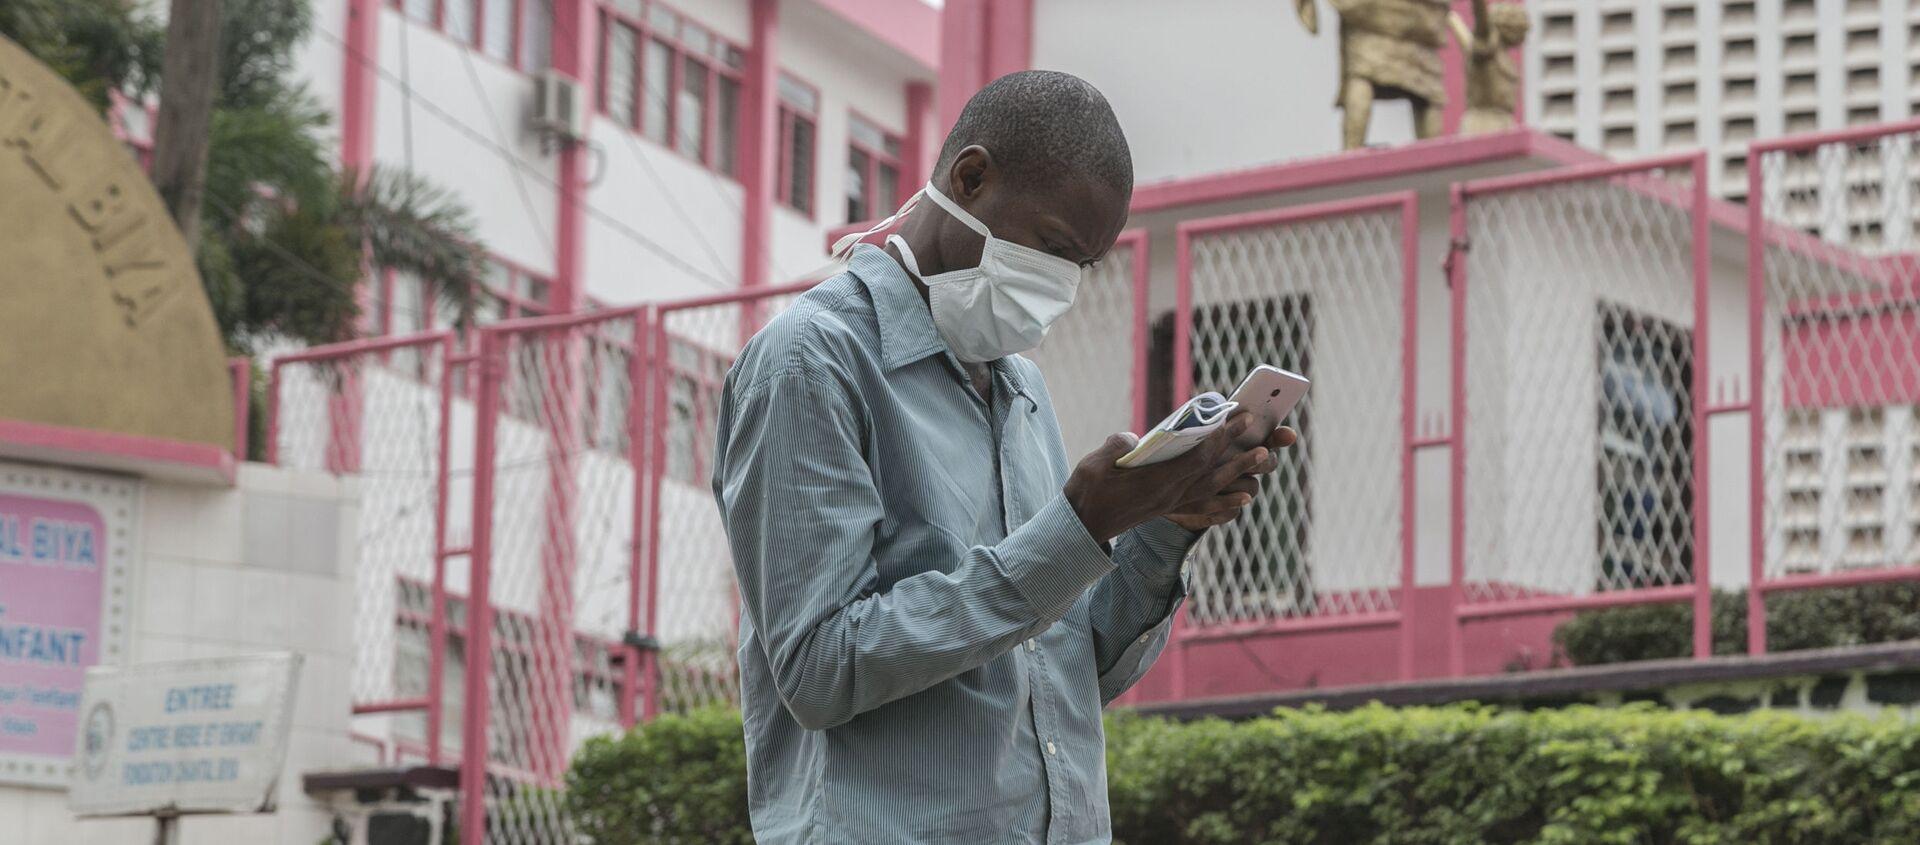 Un Camerounais devant l'entrée de l'hôpital de Yaoundé. - Sputnik France, 1920, 07.05.2020